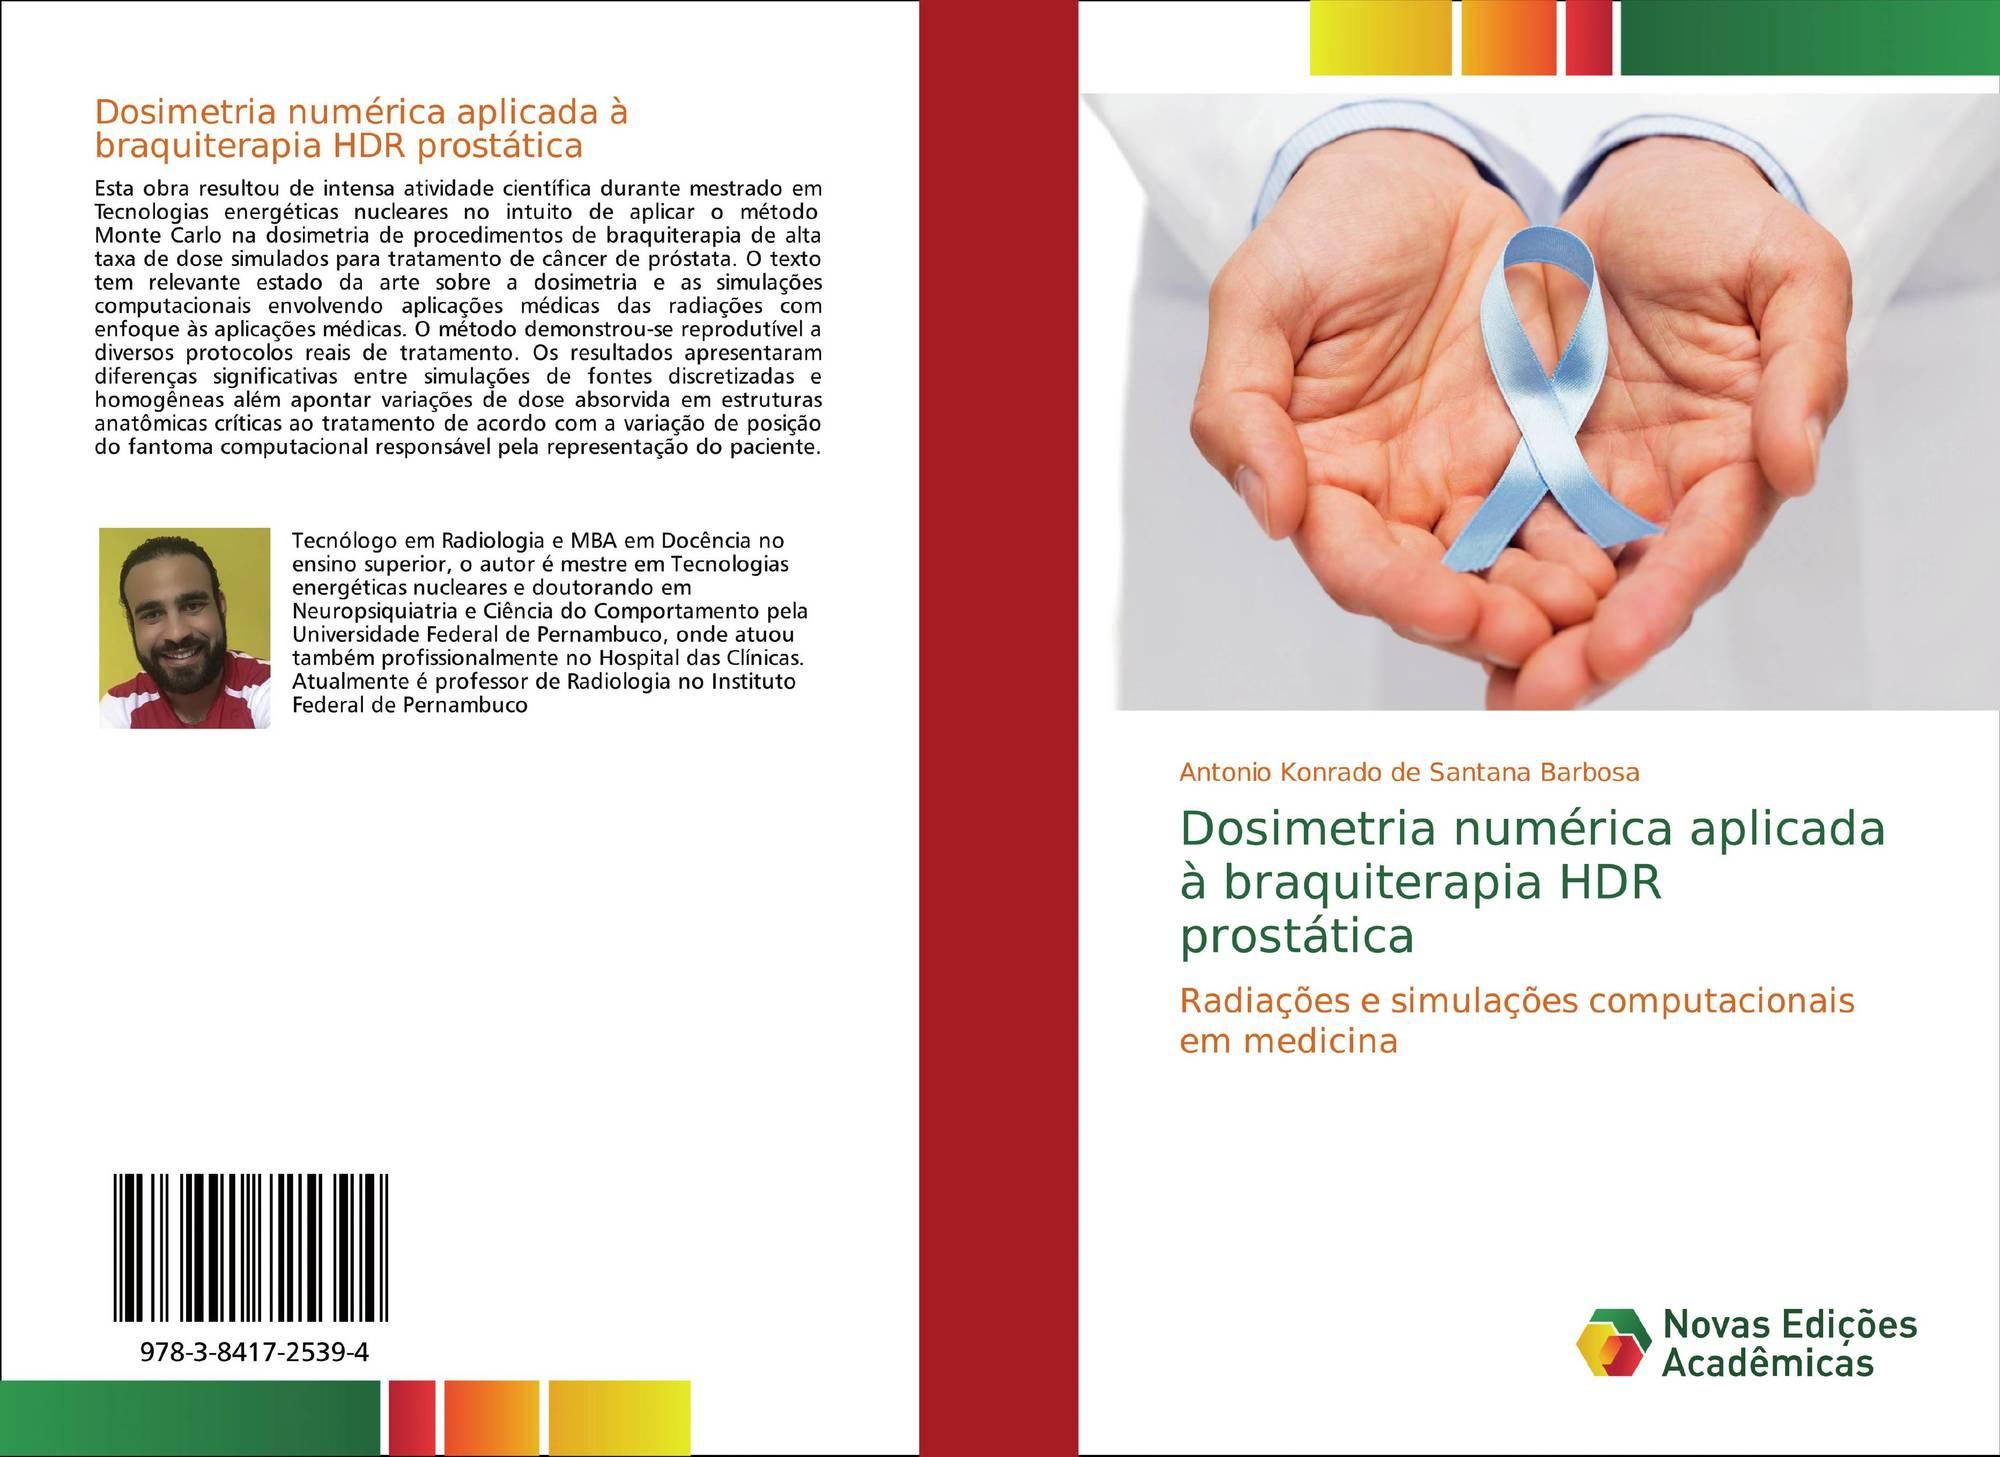 radioterapia prostatica hdr